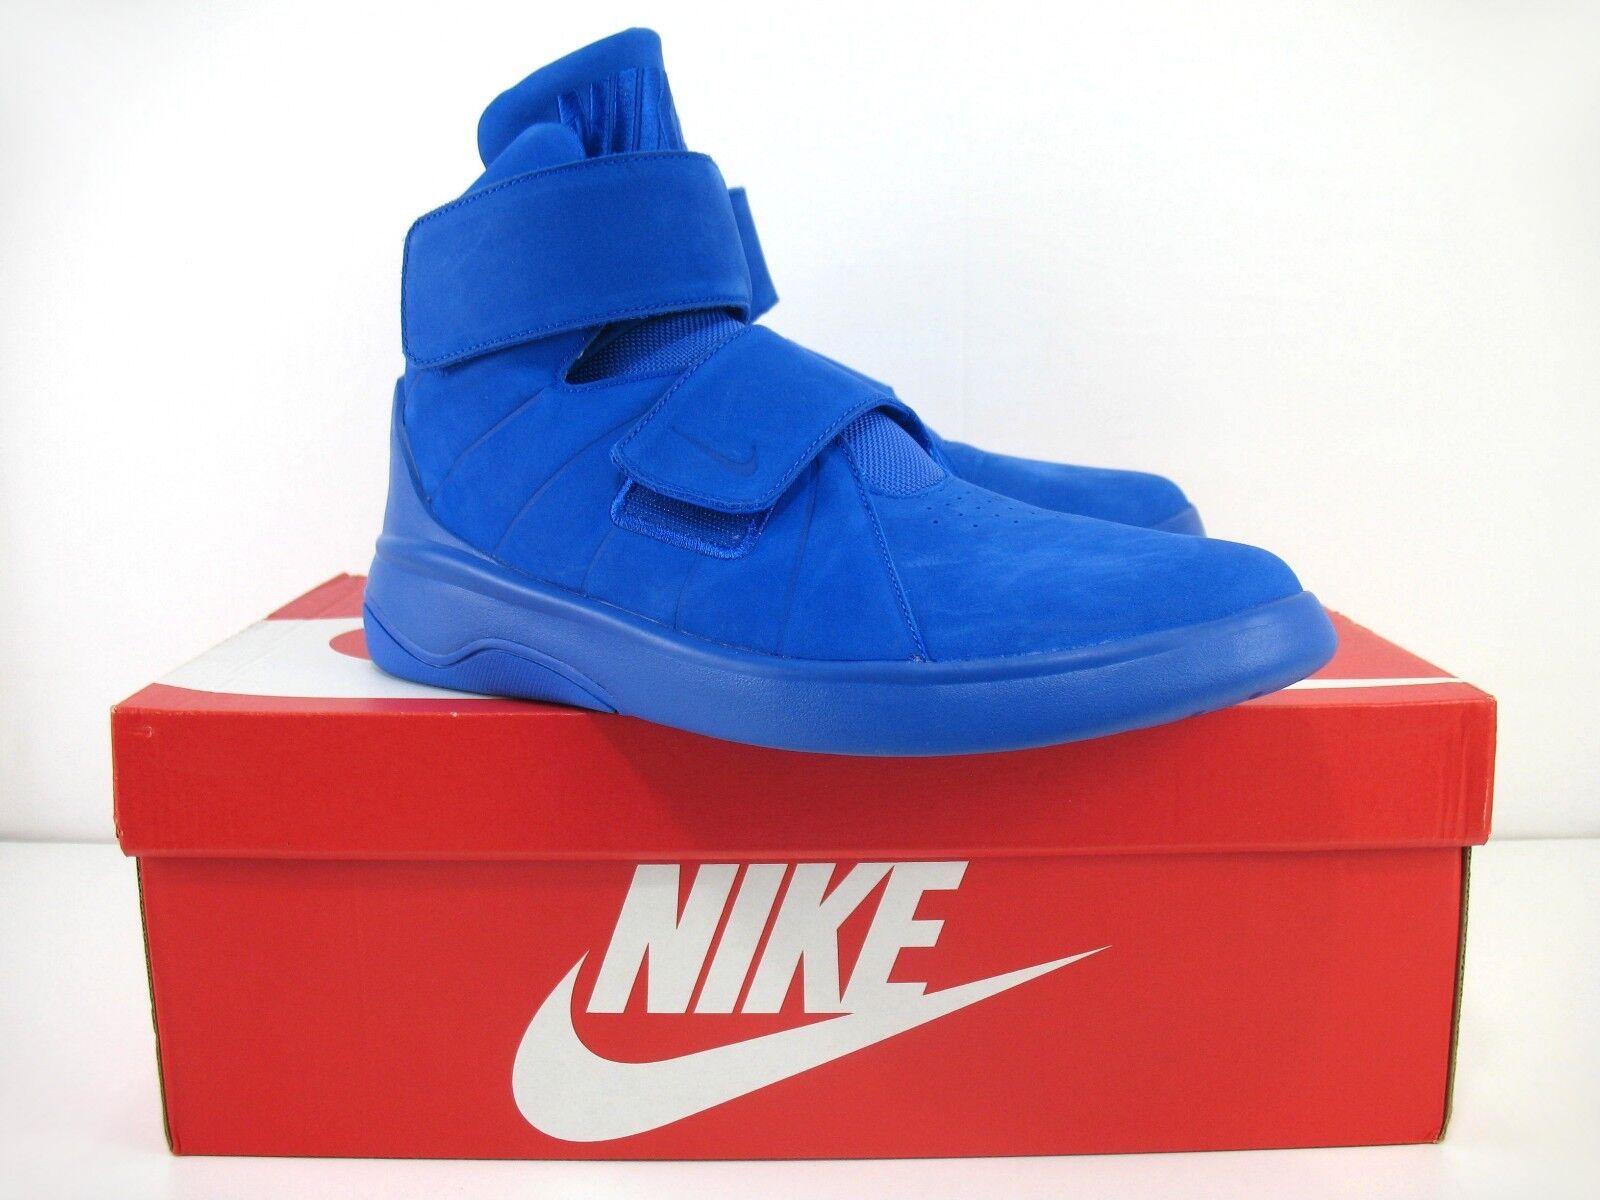 e90de18e22 Nike Marxman Premium PRM - Racer Blue Hi Tops Tops Tops With Box -  832766-400 - Sz 10 New 9346a8